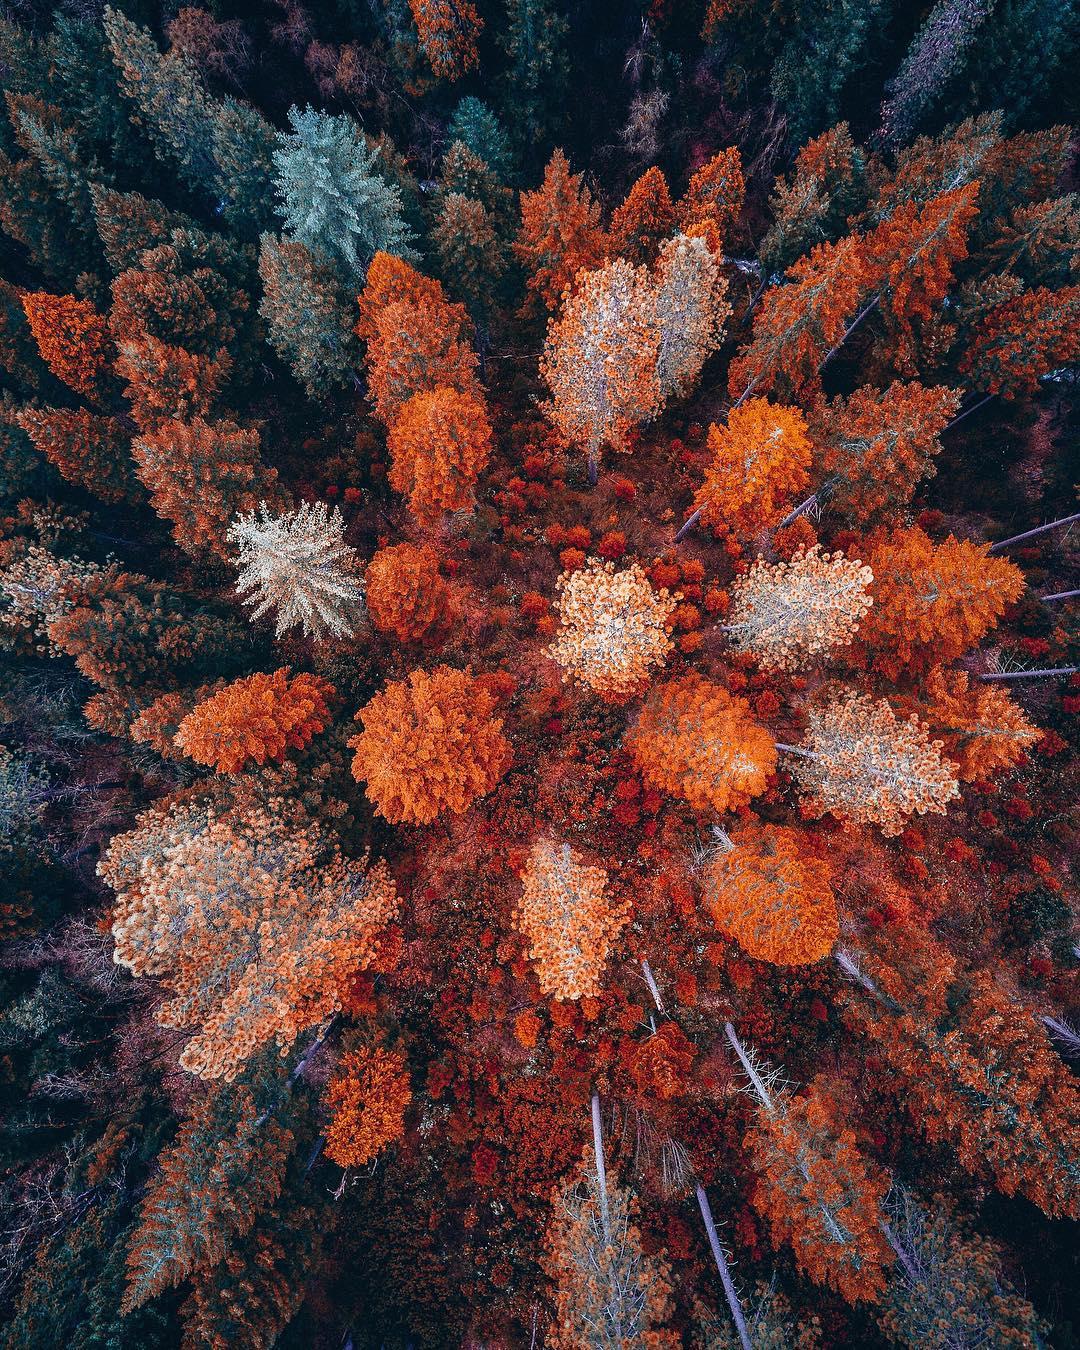 Imagens aéreas de paisagens vibrantes do fotógrafo Niaz Uddin 07